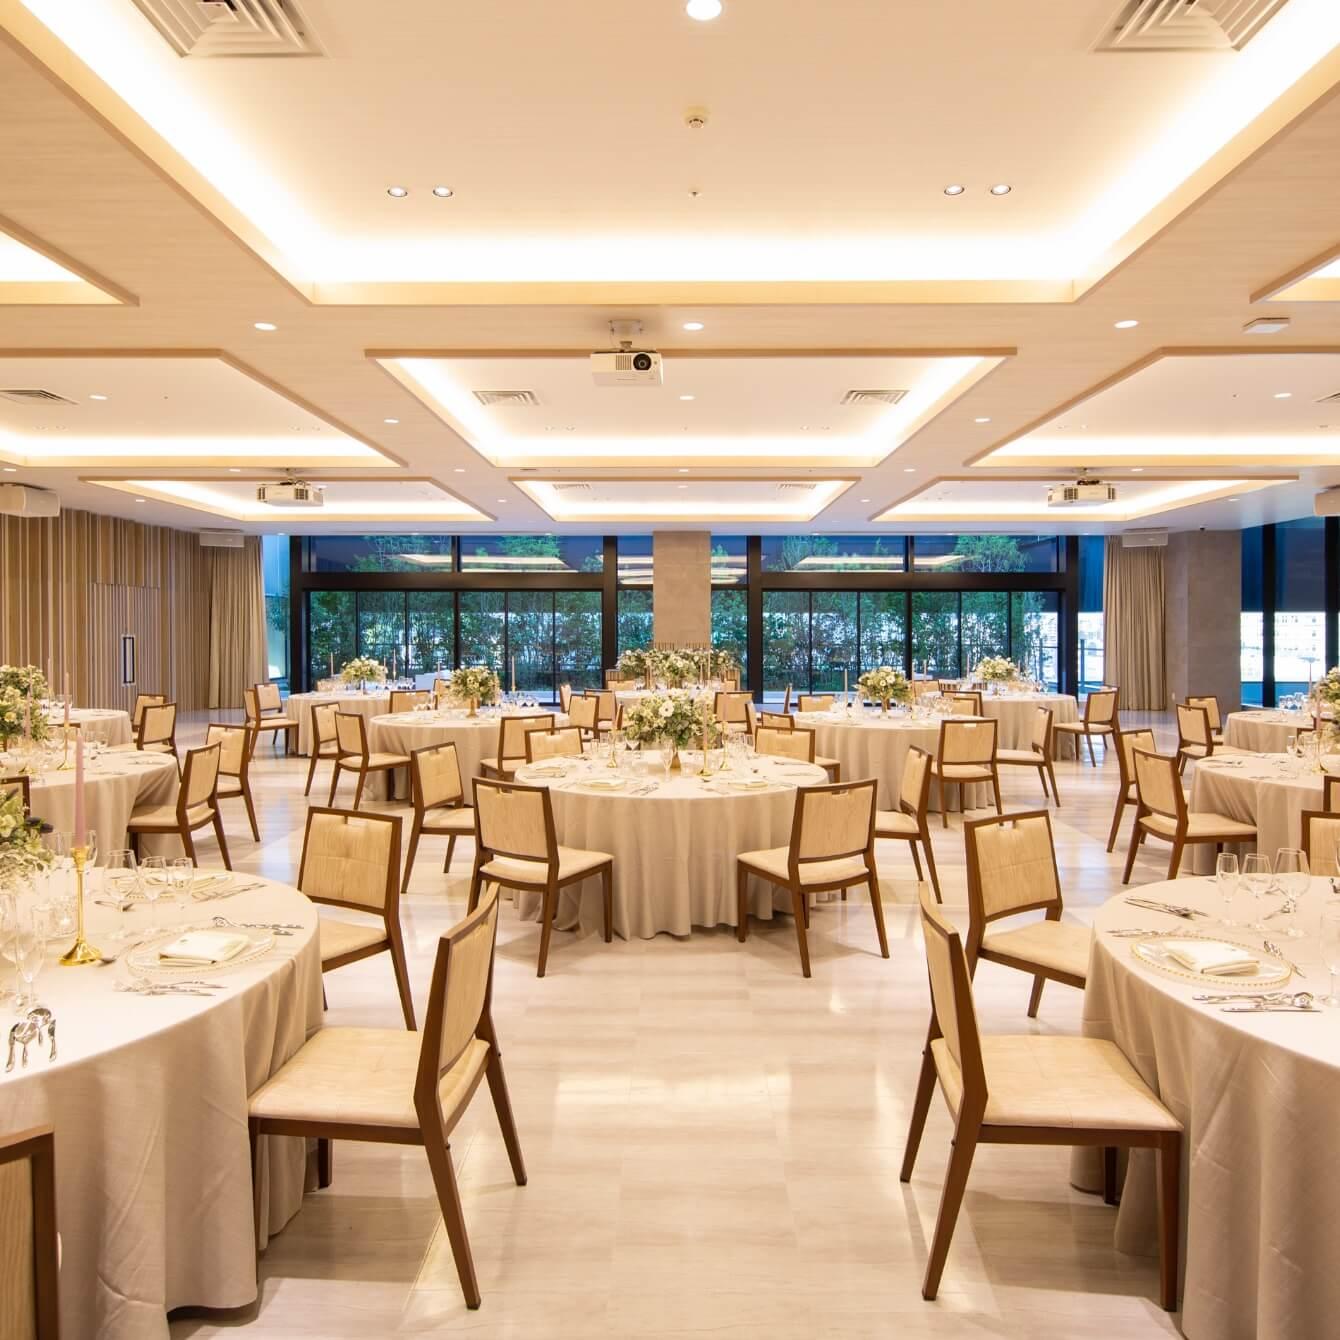 バンケット 熊本結婚式場 熊本で一番新しい結婚式場オープン